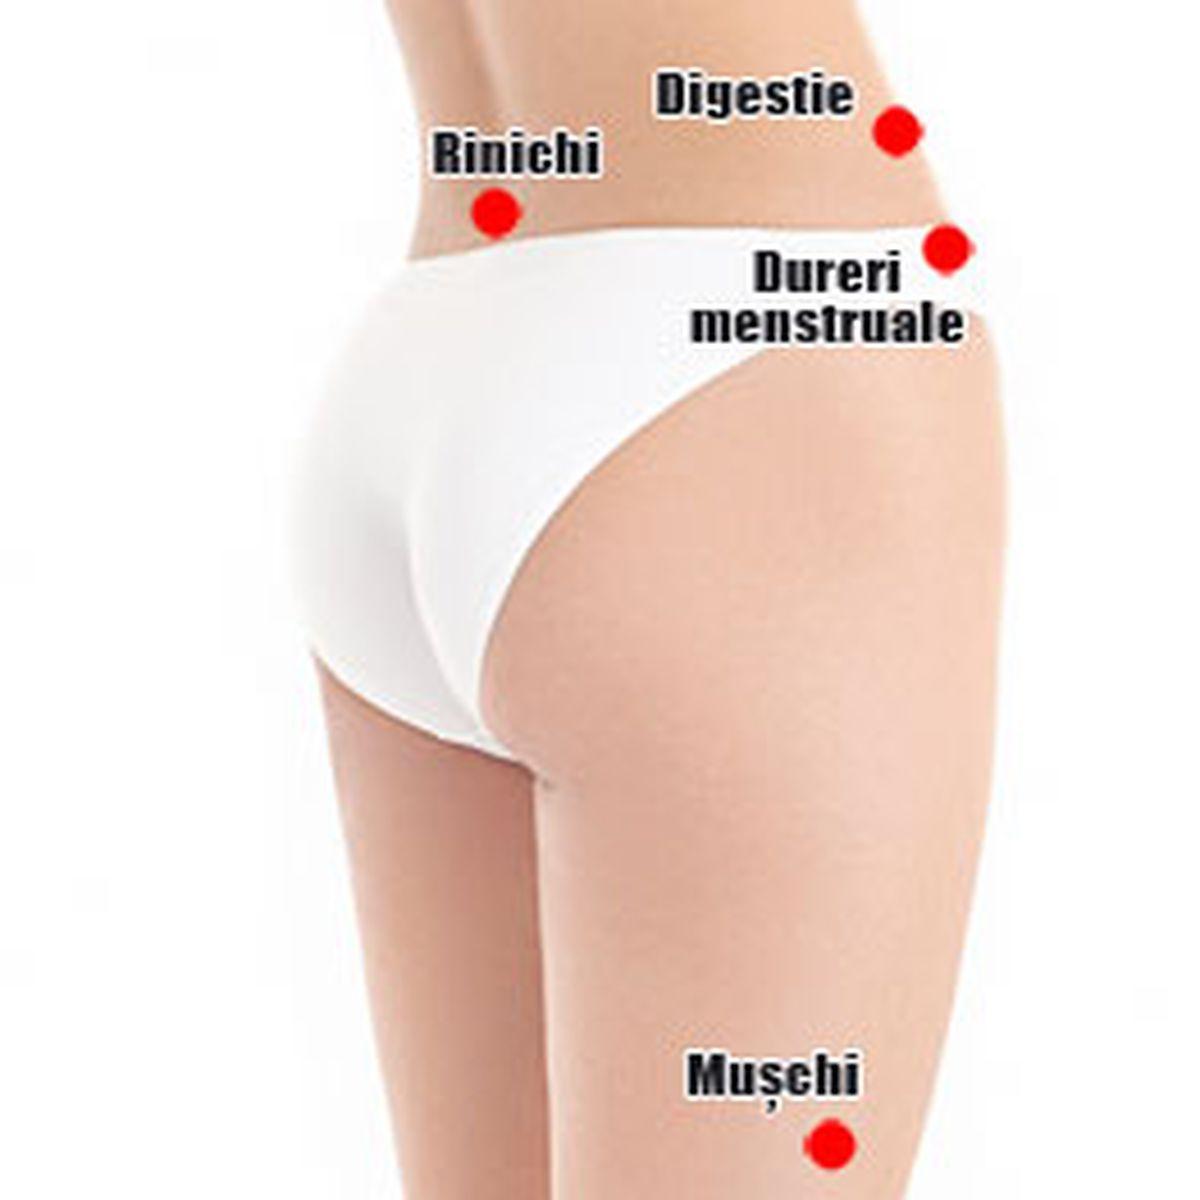 magneți pentru dureri de șold 3 săptămâni dureri articulare